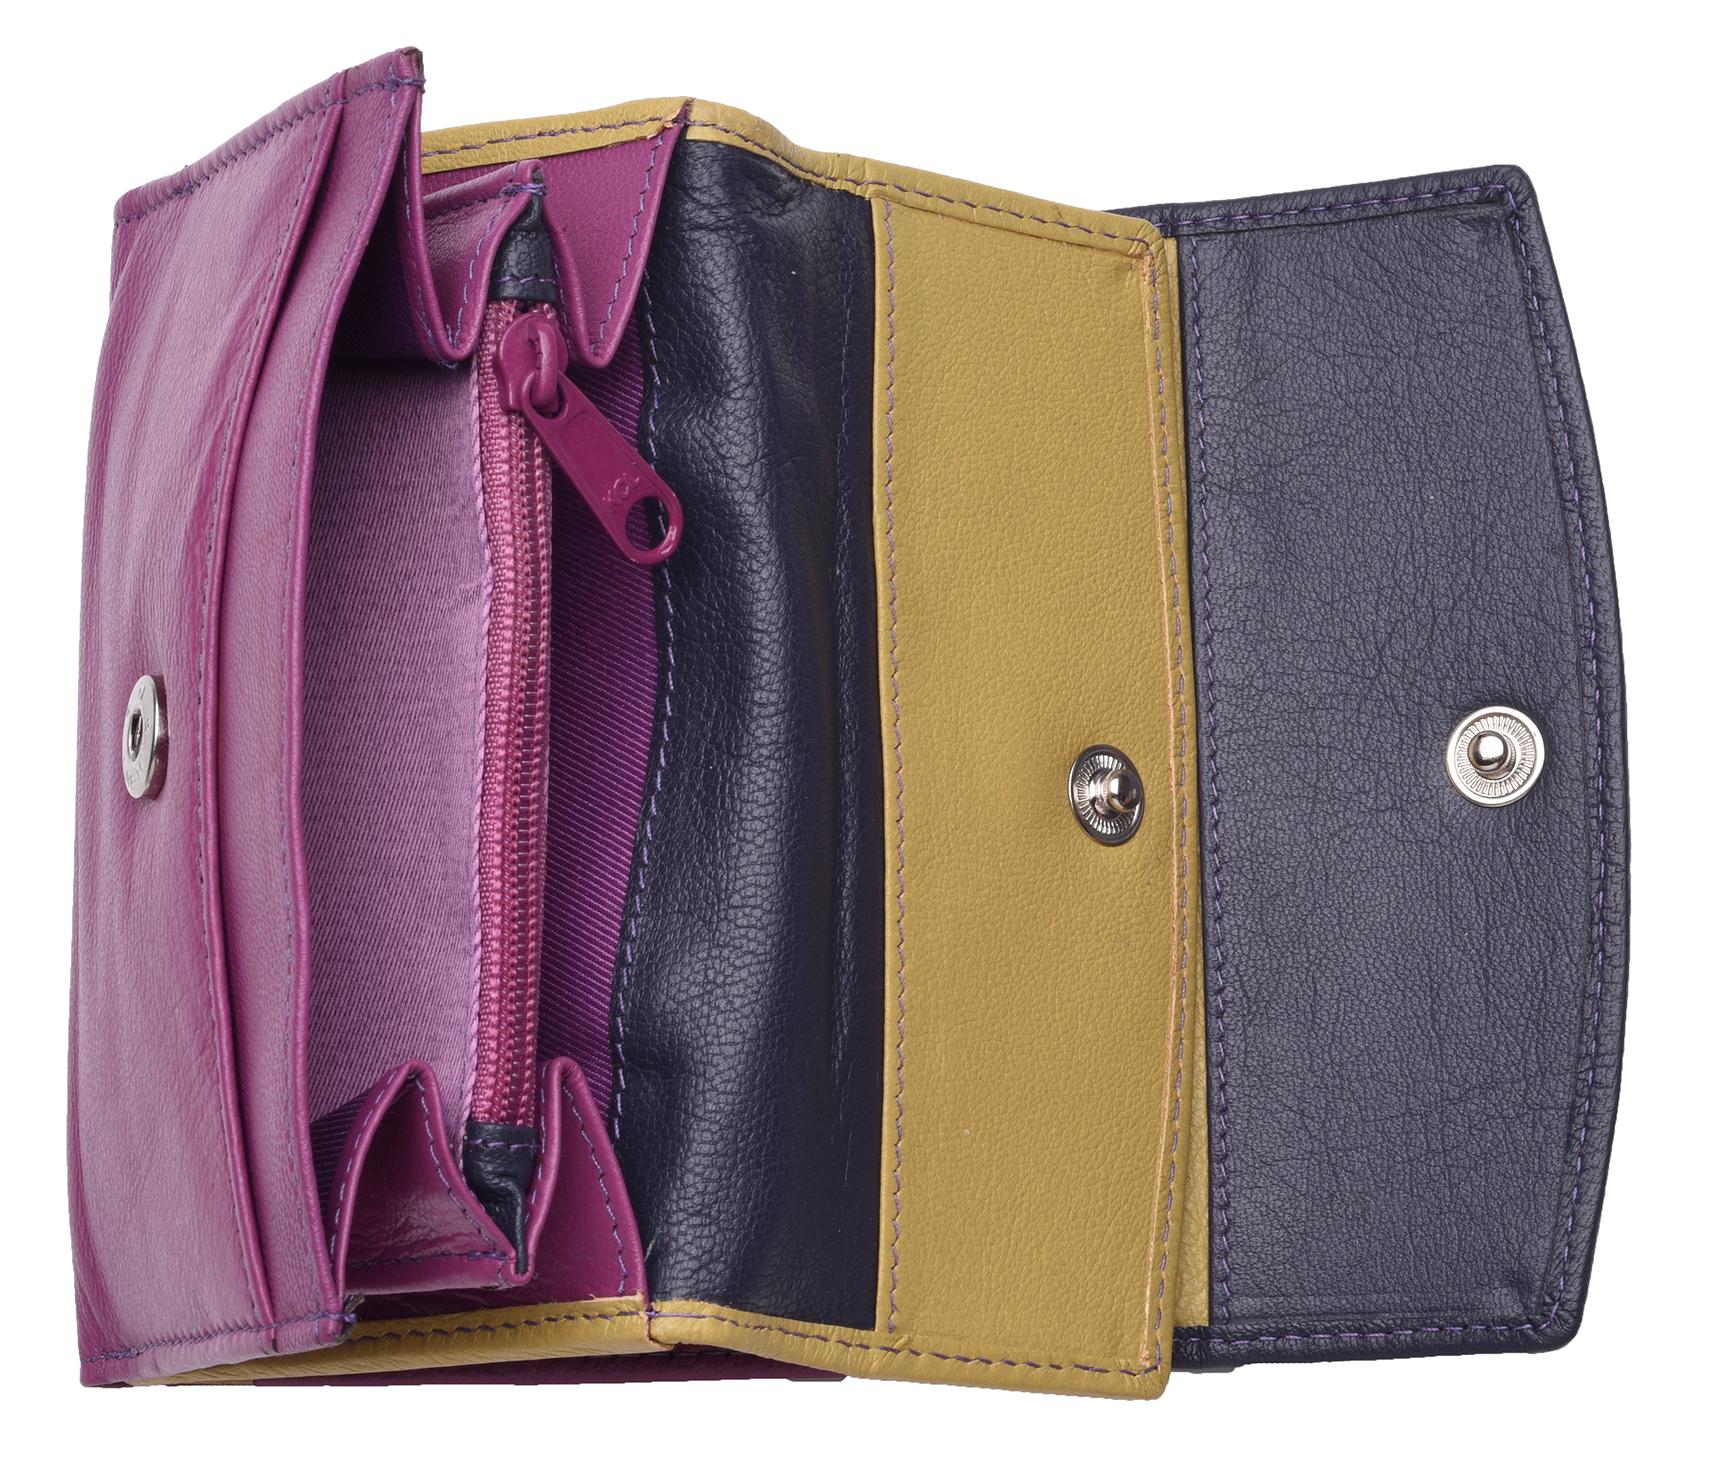 Femme-Multi-Couleur-RFID-Bloquant-en-cuir-veritable-sac-a-main-bleu-violet-noir miniature 4